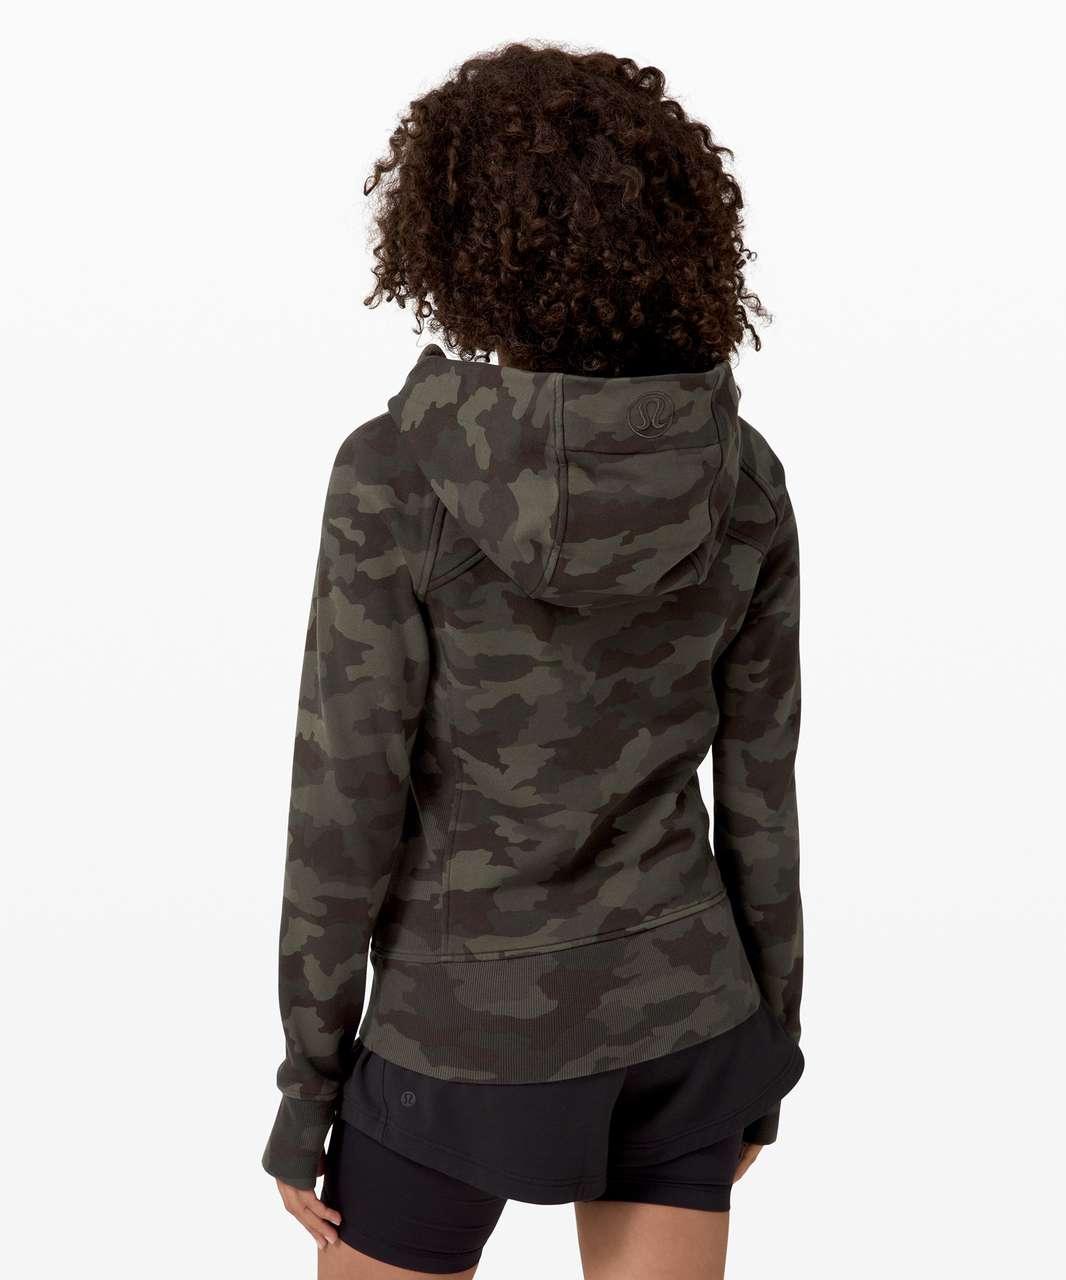 Lululemon Scuba Hoodie *Light Cotton Fleece - Heritage 365 Camo Dark Olive Multi